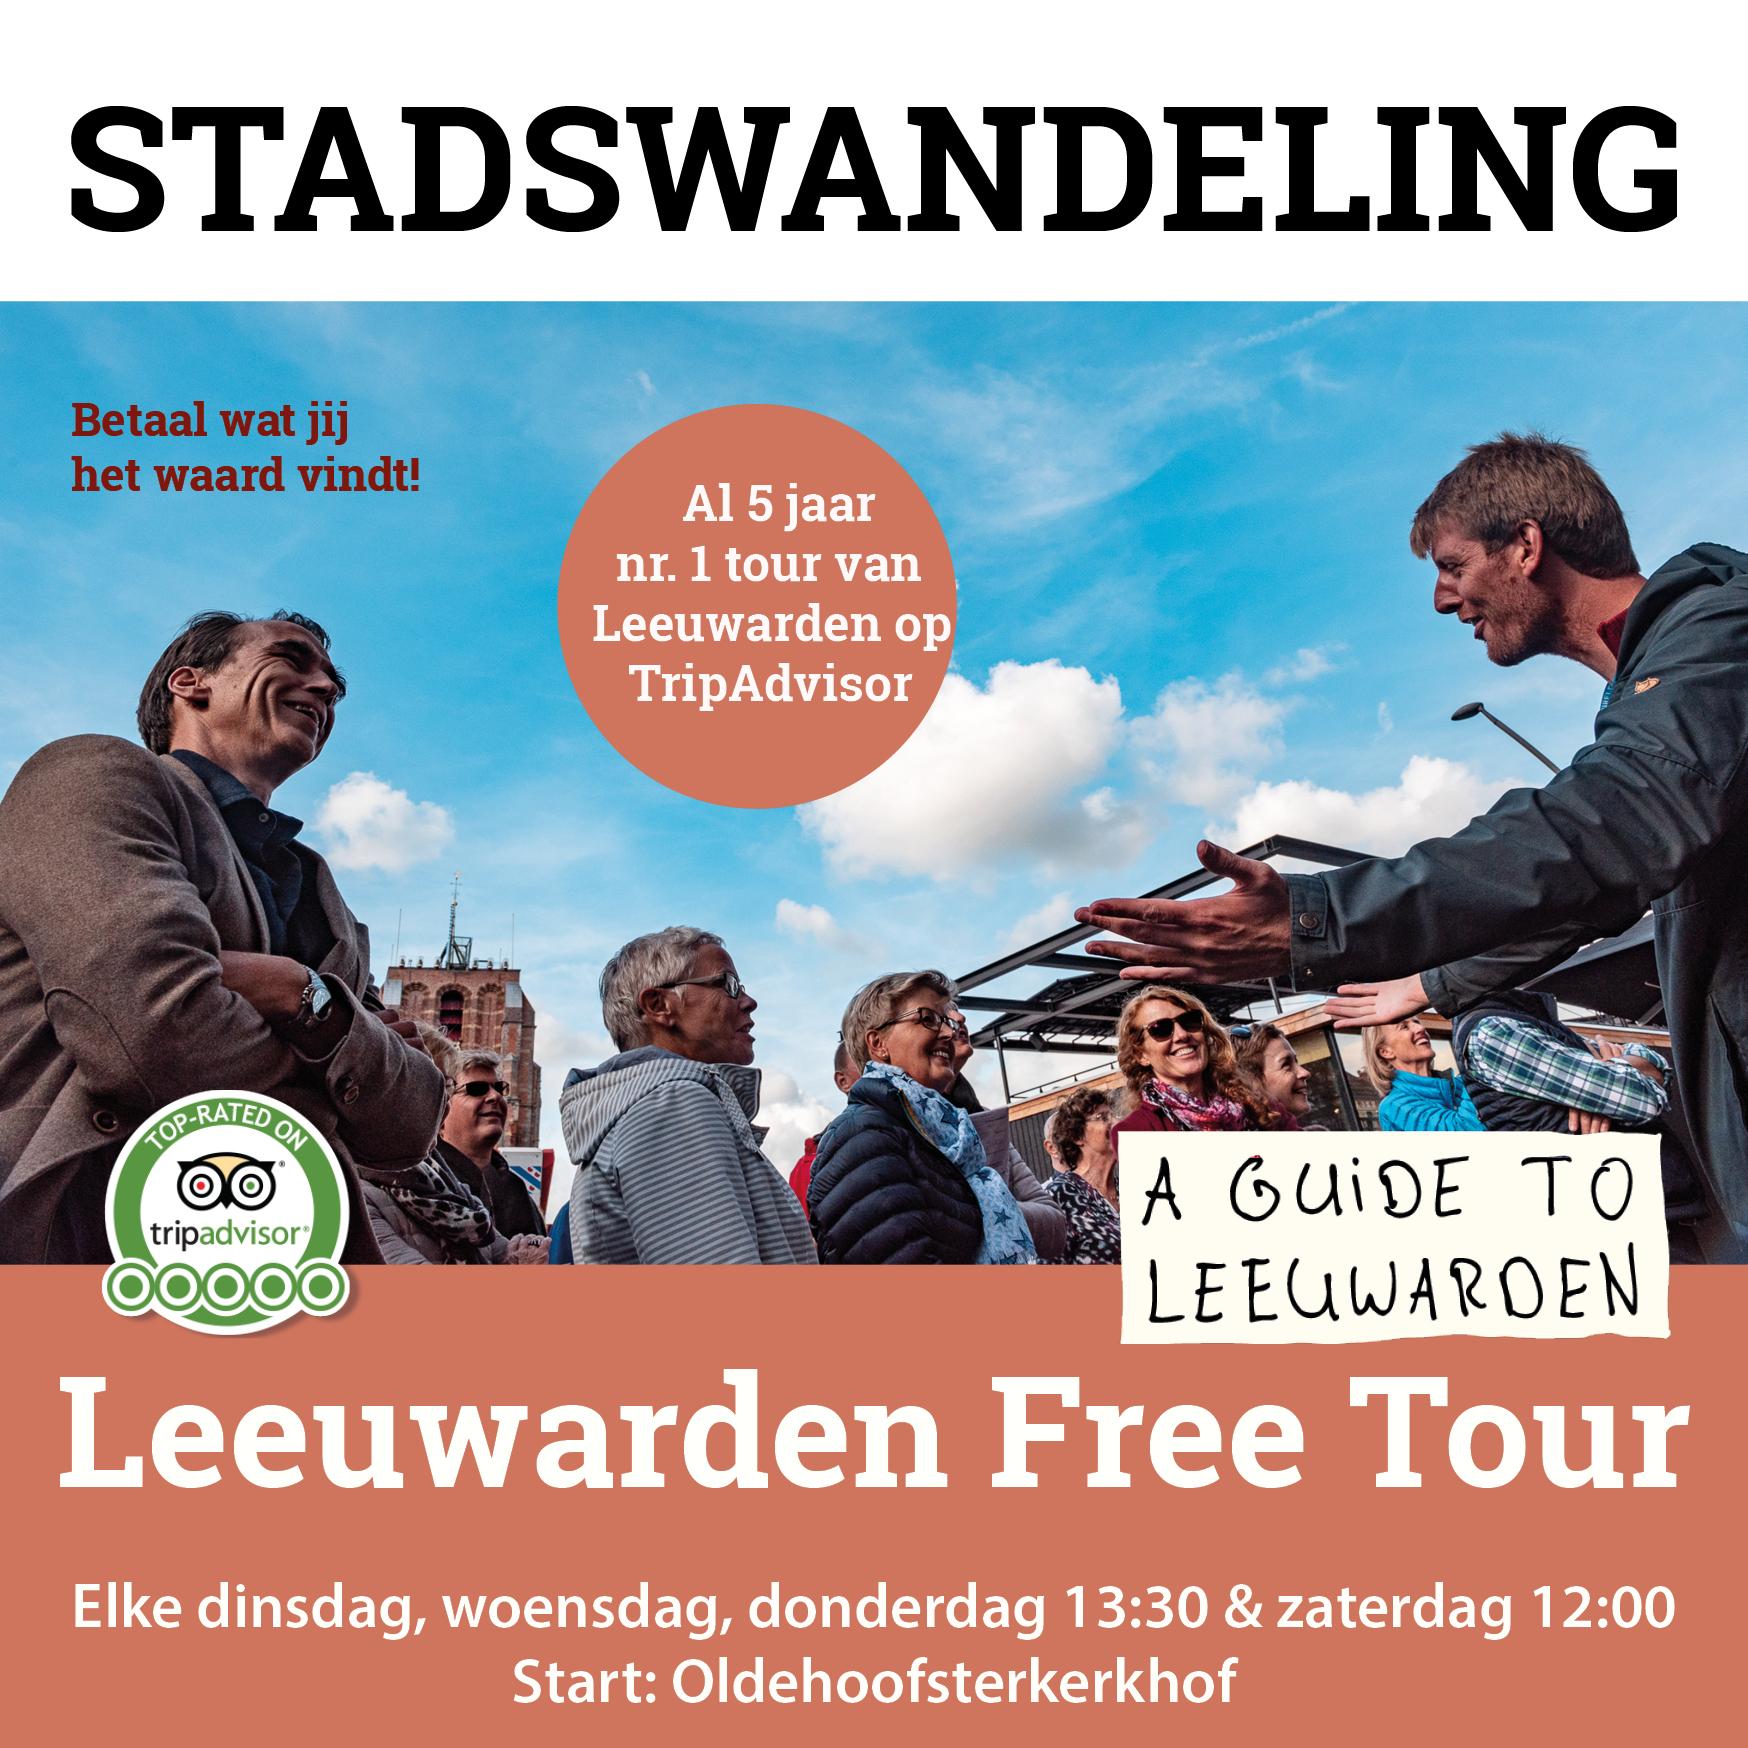 Leeuwarden Free Tour (NL)